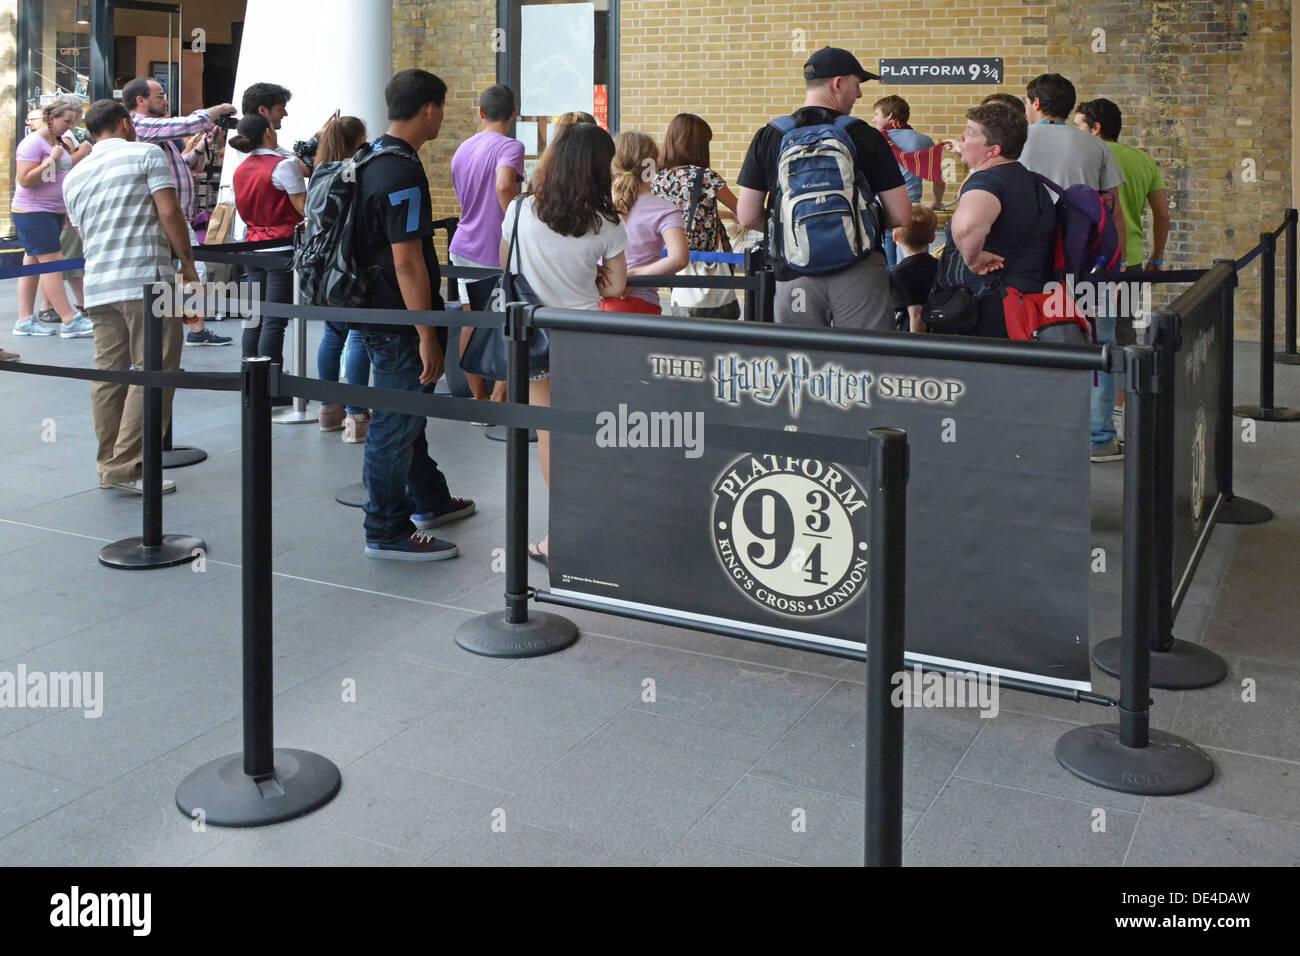 Tifosi in coda per avere una foto scattata presso la piattaforma nove e tre quarti a segno da Harry Potter in storia presso la stazione di Kings Cross Immagini Stock